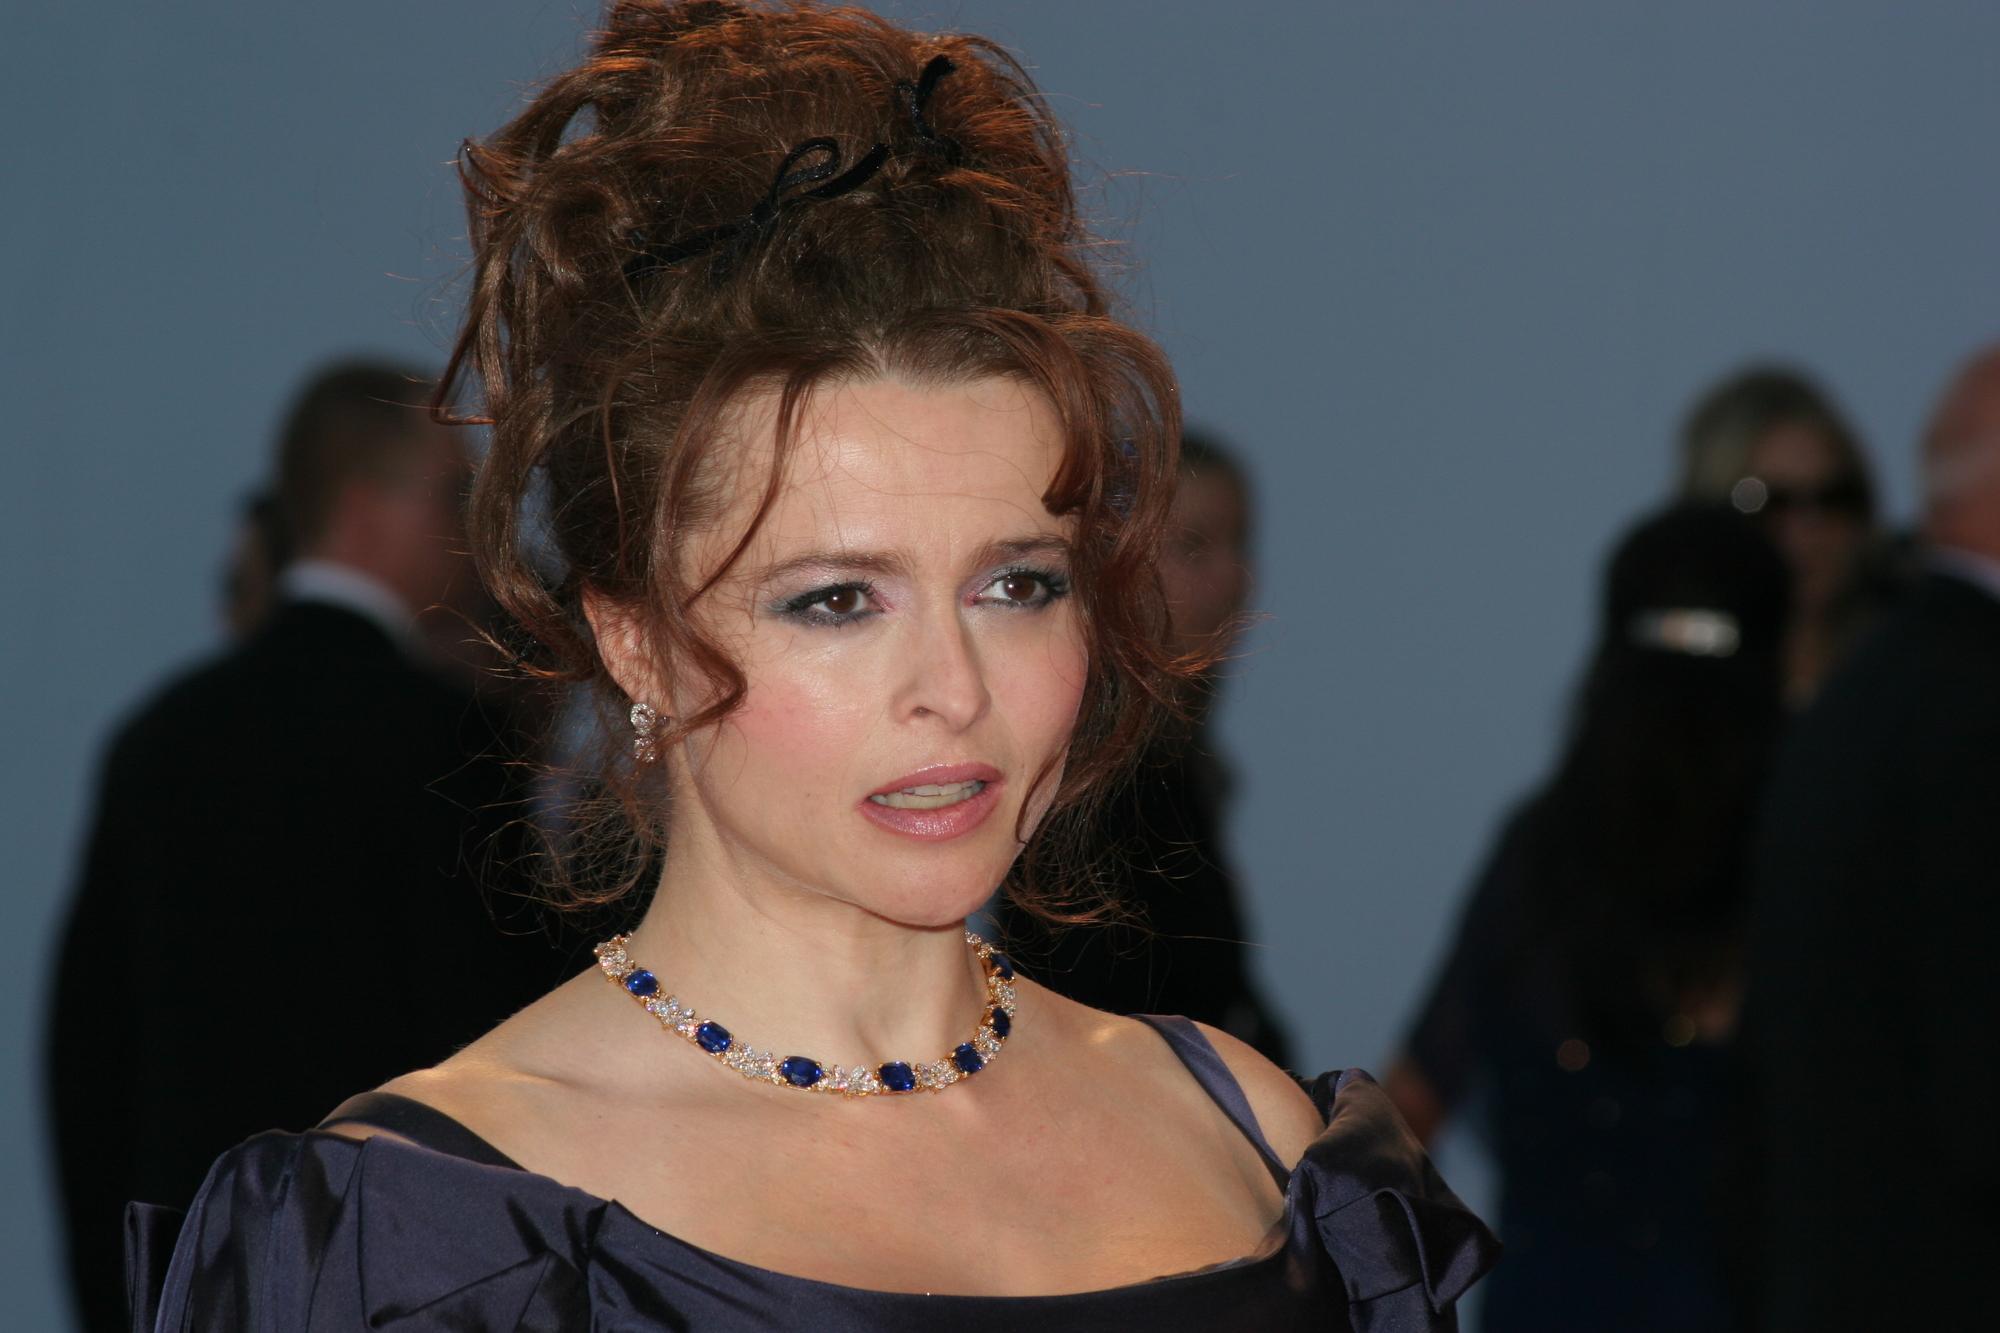 Хелене Бонем Картер понравилось сниматься в фильме «Энола Холмс»